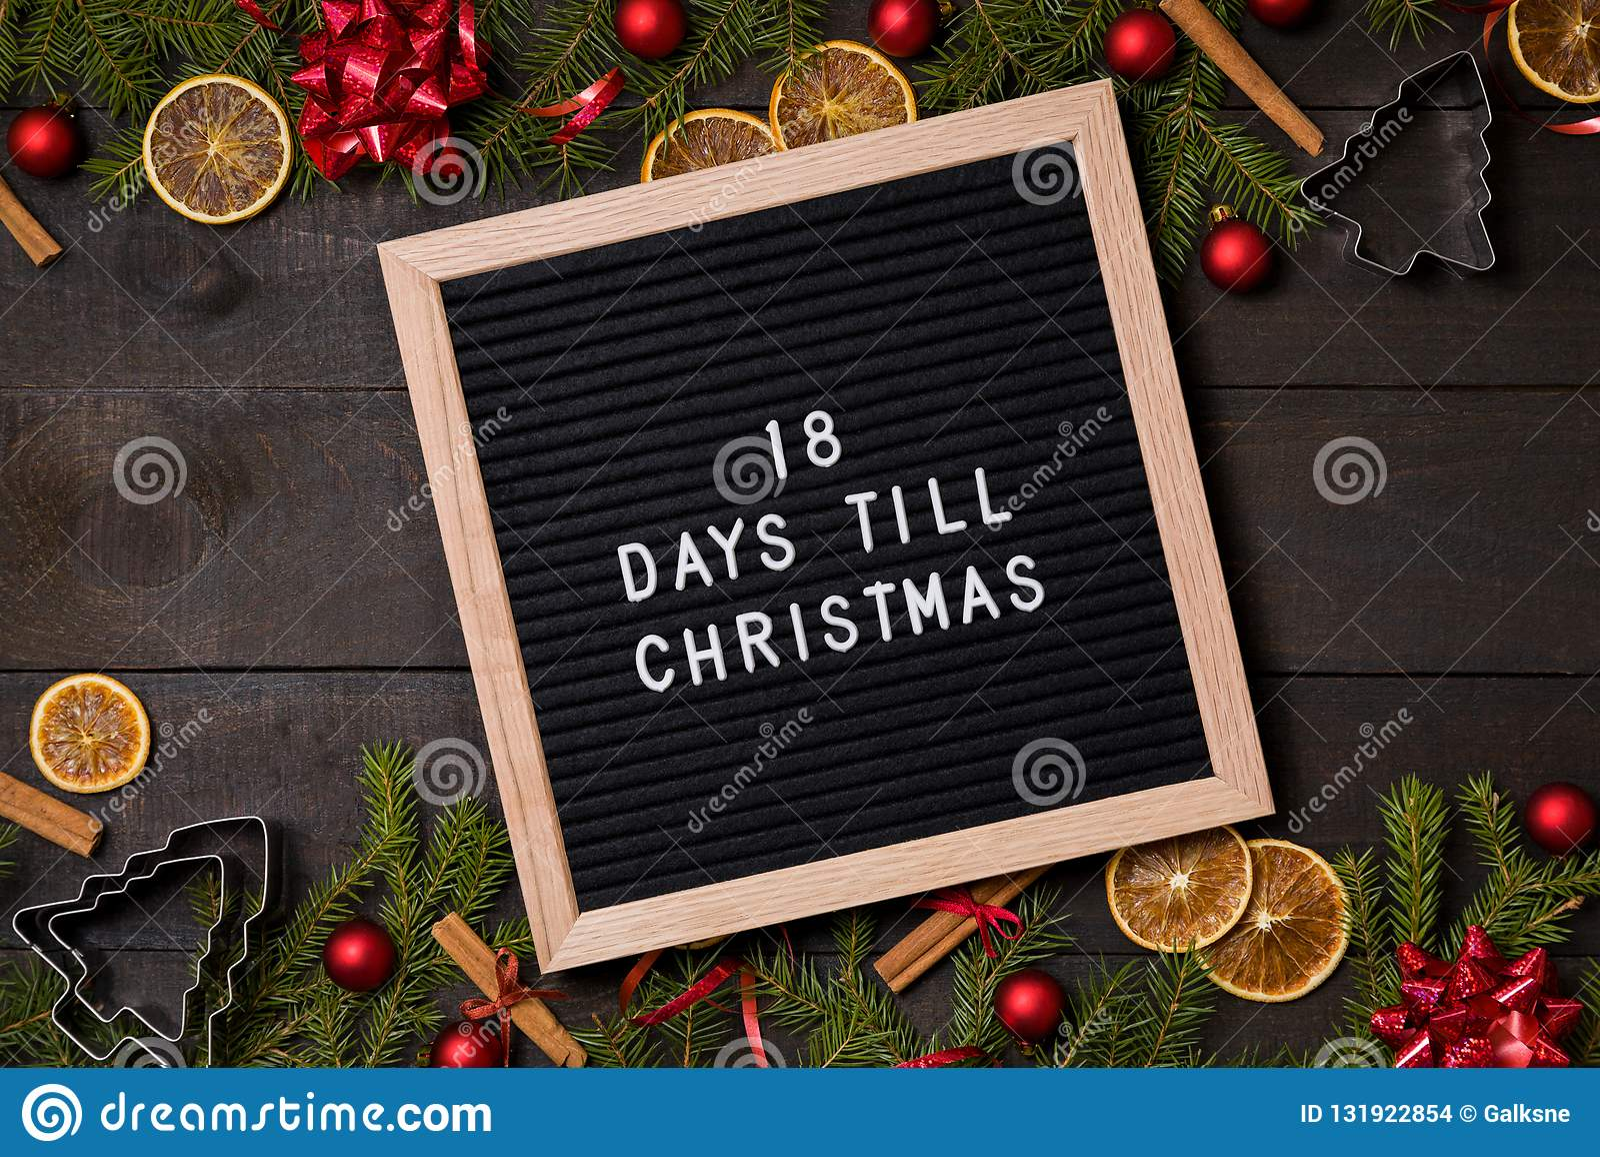 Dezoito dias até a placa da letra da contagem regressiva do Natal na madeira rústica escura